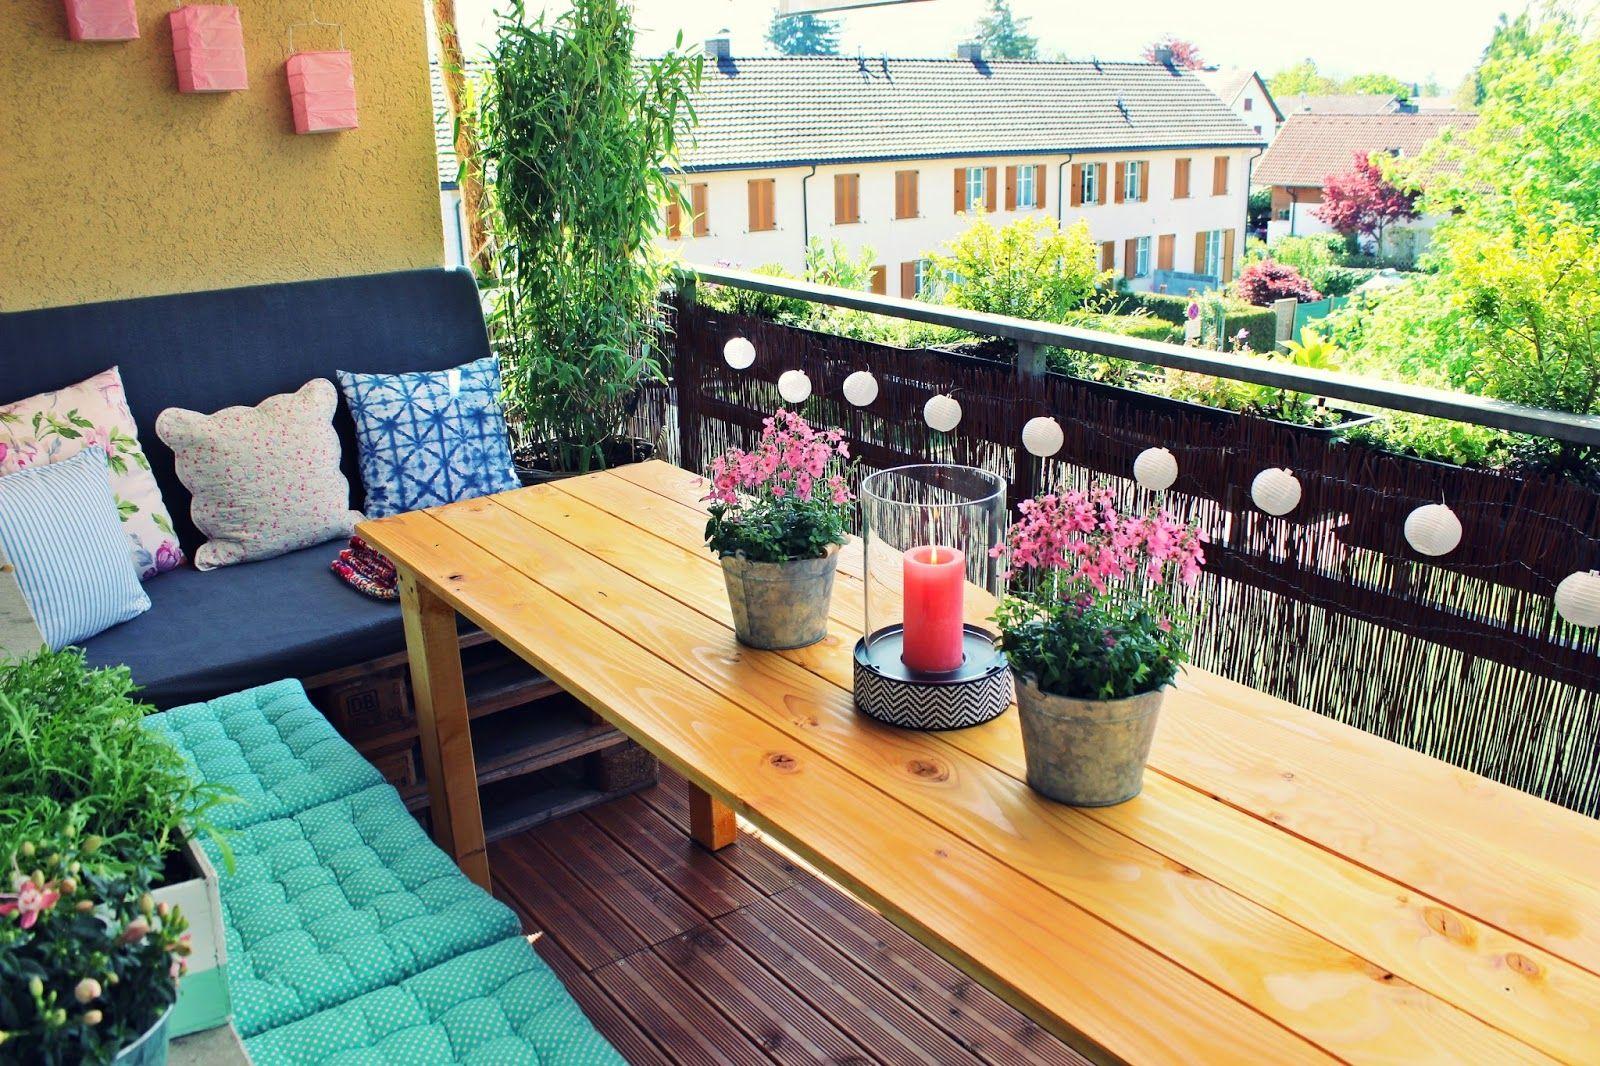 Mein Balkon Gemütlich So Solls Sein Diy Pinterest Balkon